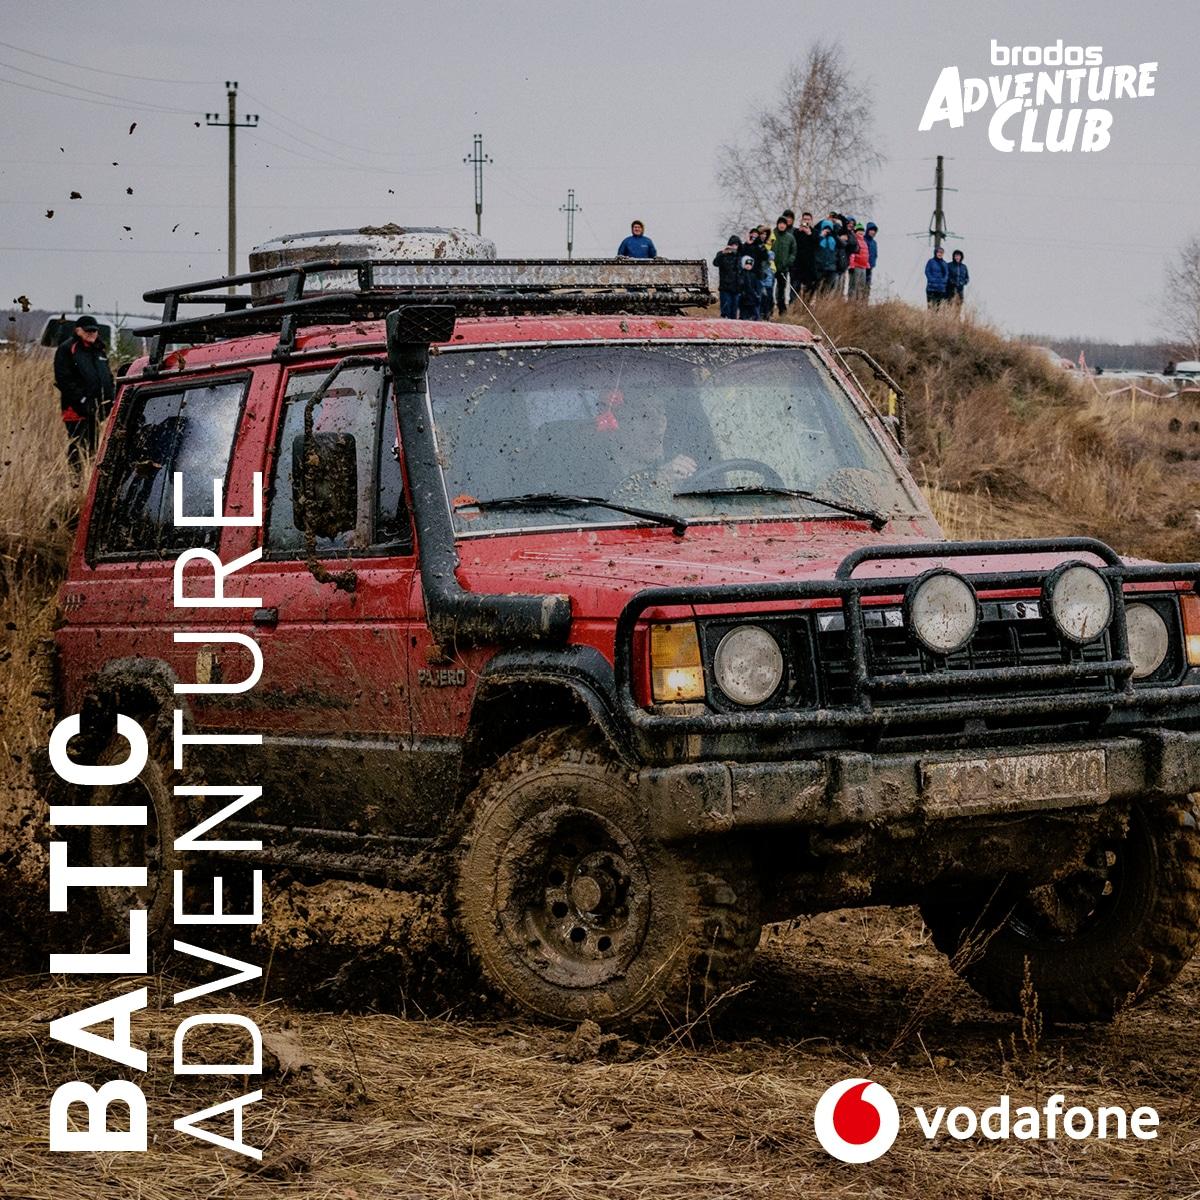 Mit Brodos und Vodafone auf Offroad Abenteuer Reise quer durch Lettland